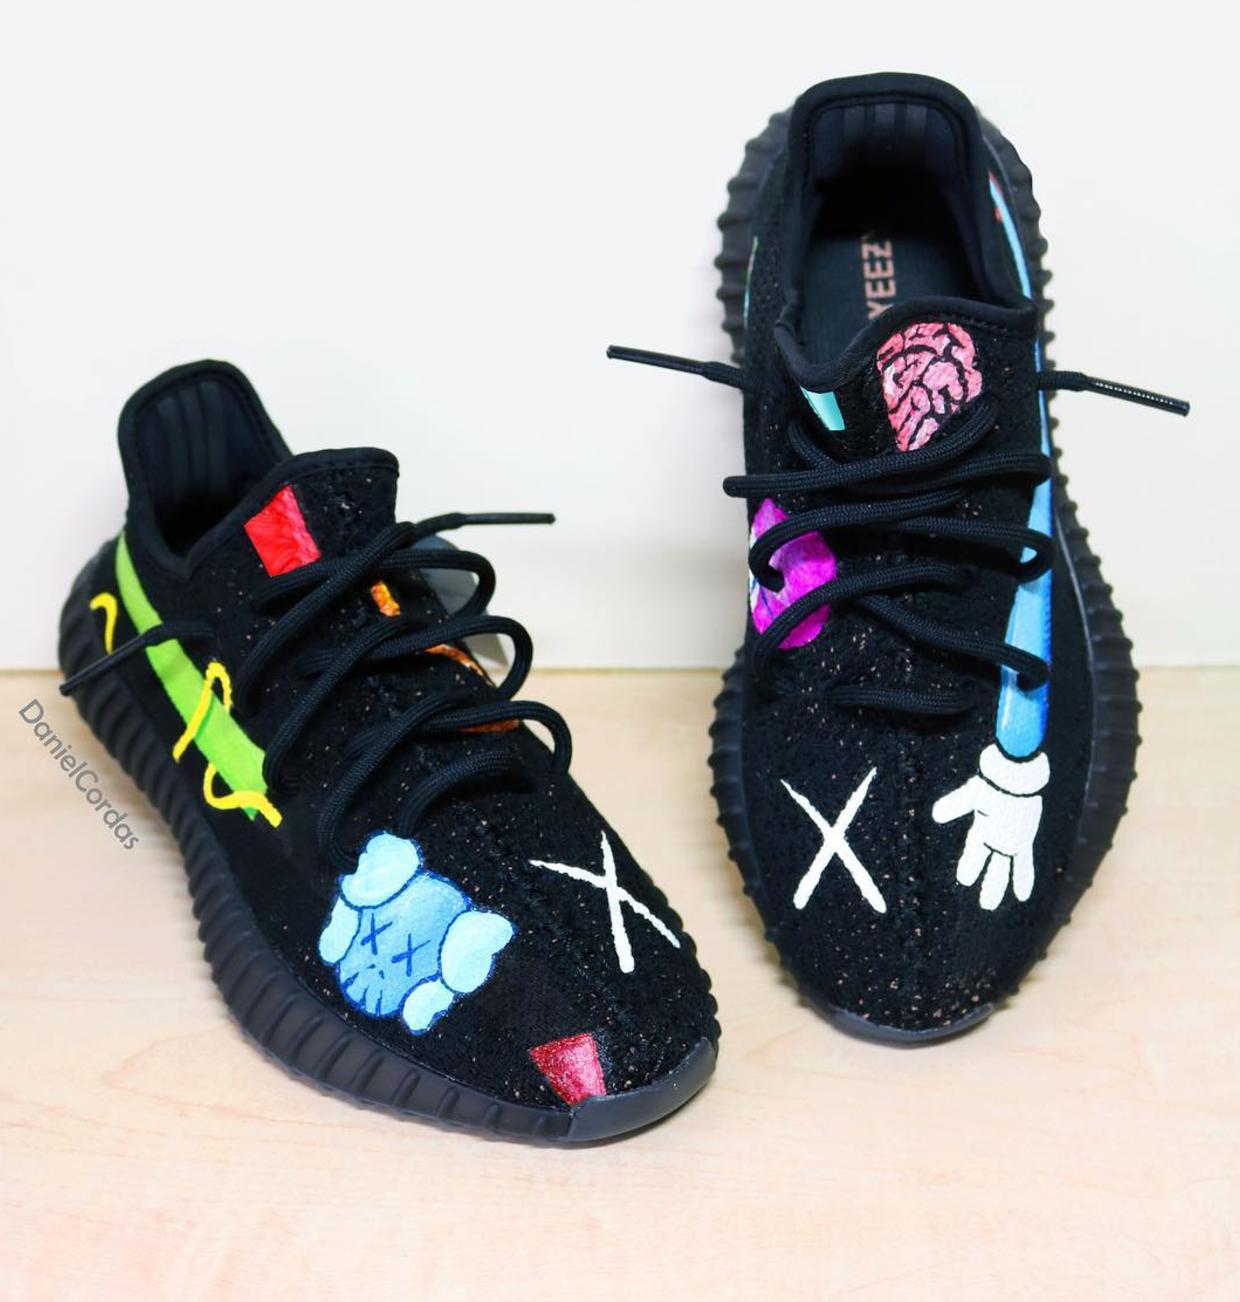 af4f1b4dd ... EU - Kaws x adidas Yeezy Boost 350 V2 Custom Ibn Jasper ...